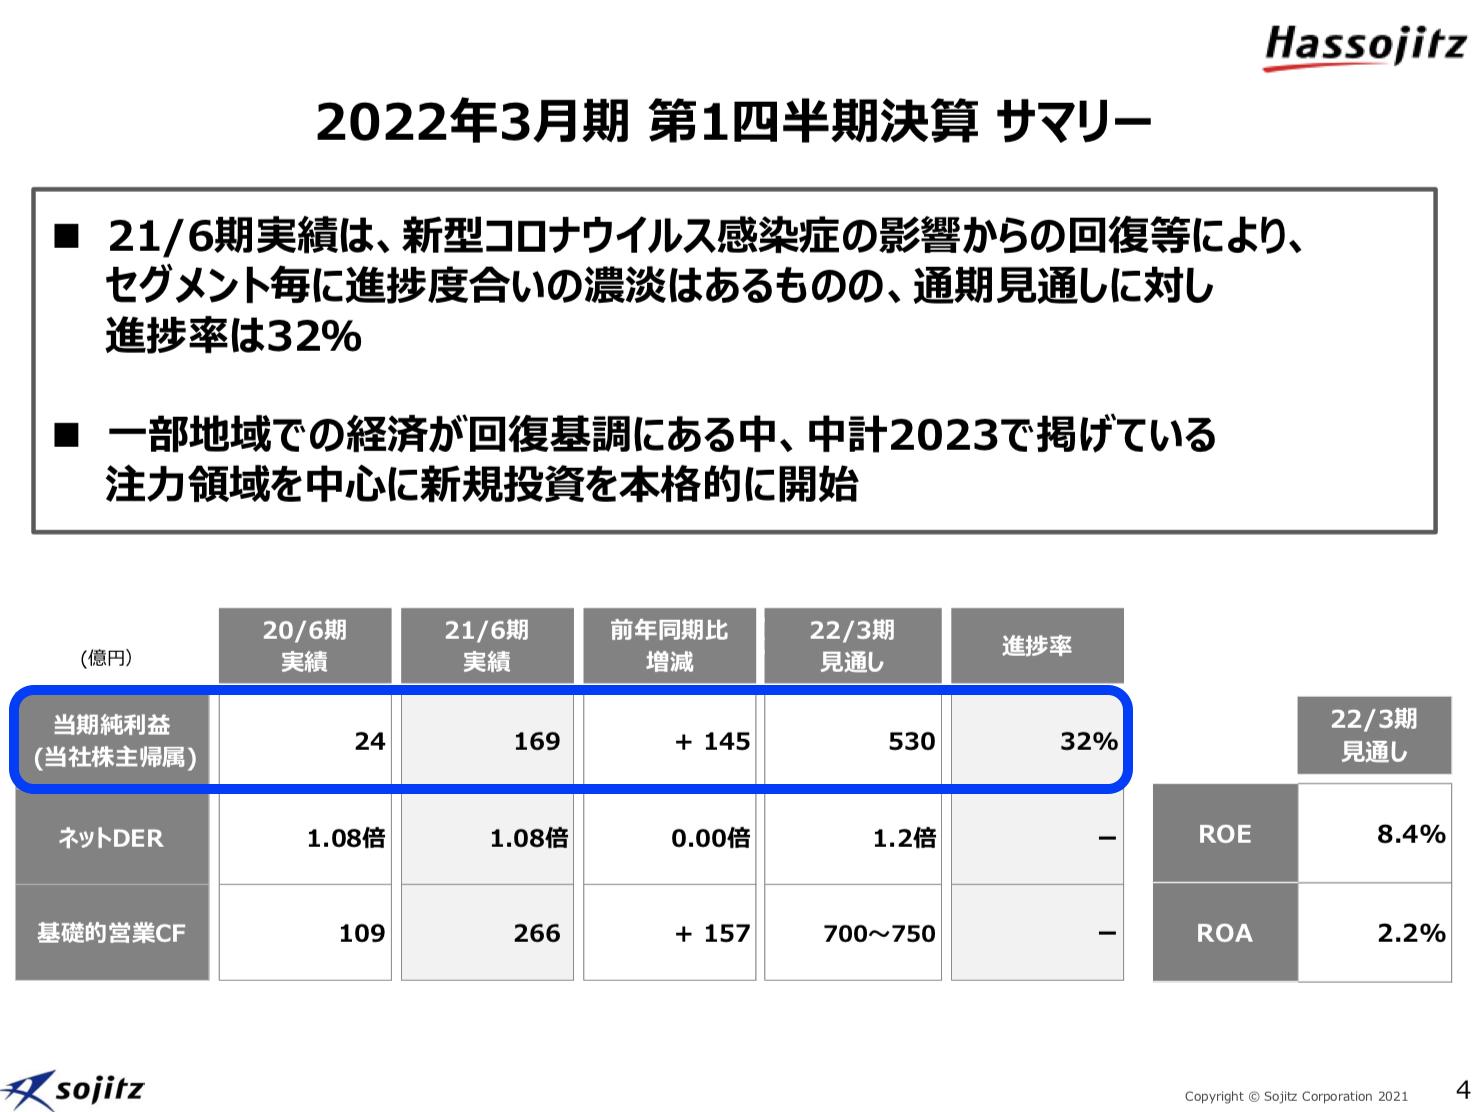 双日 2021年度1Q決算を徹底解説! さとり世代の株日記 資産運用 株 投資 資産形成